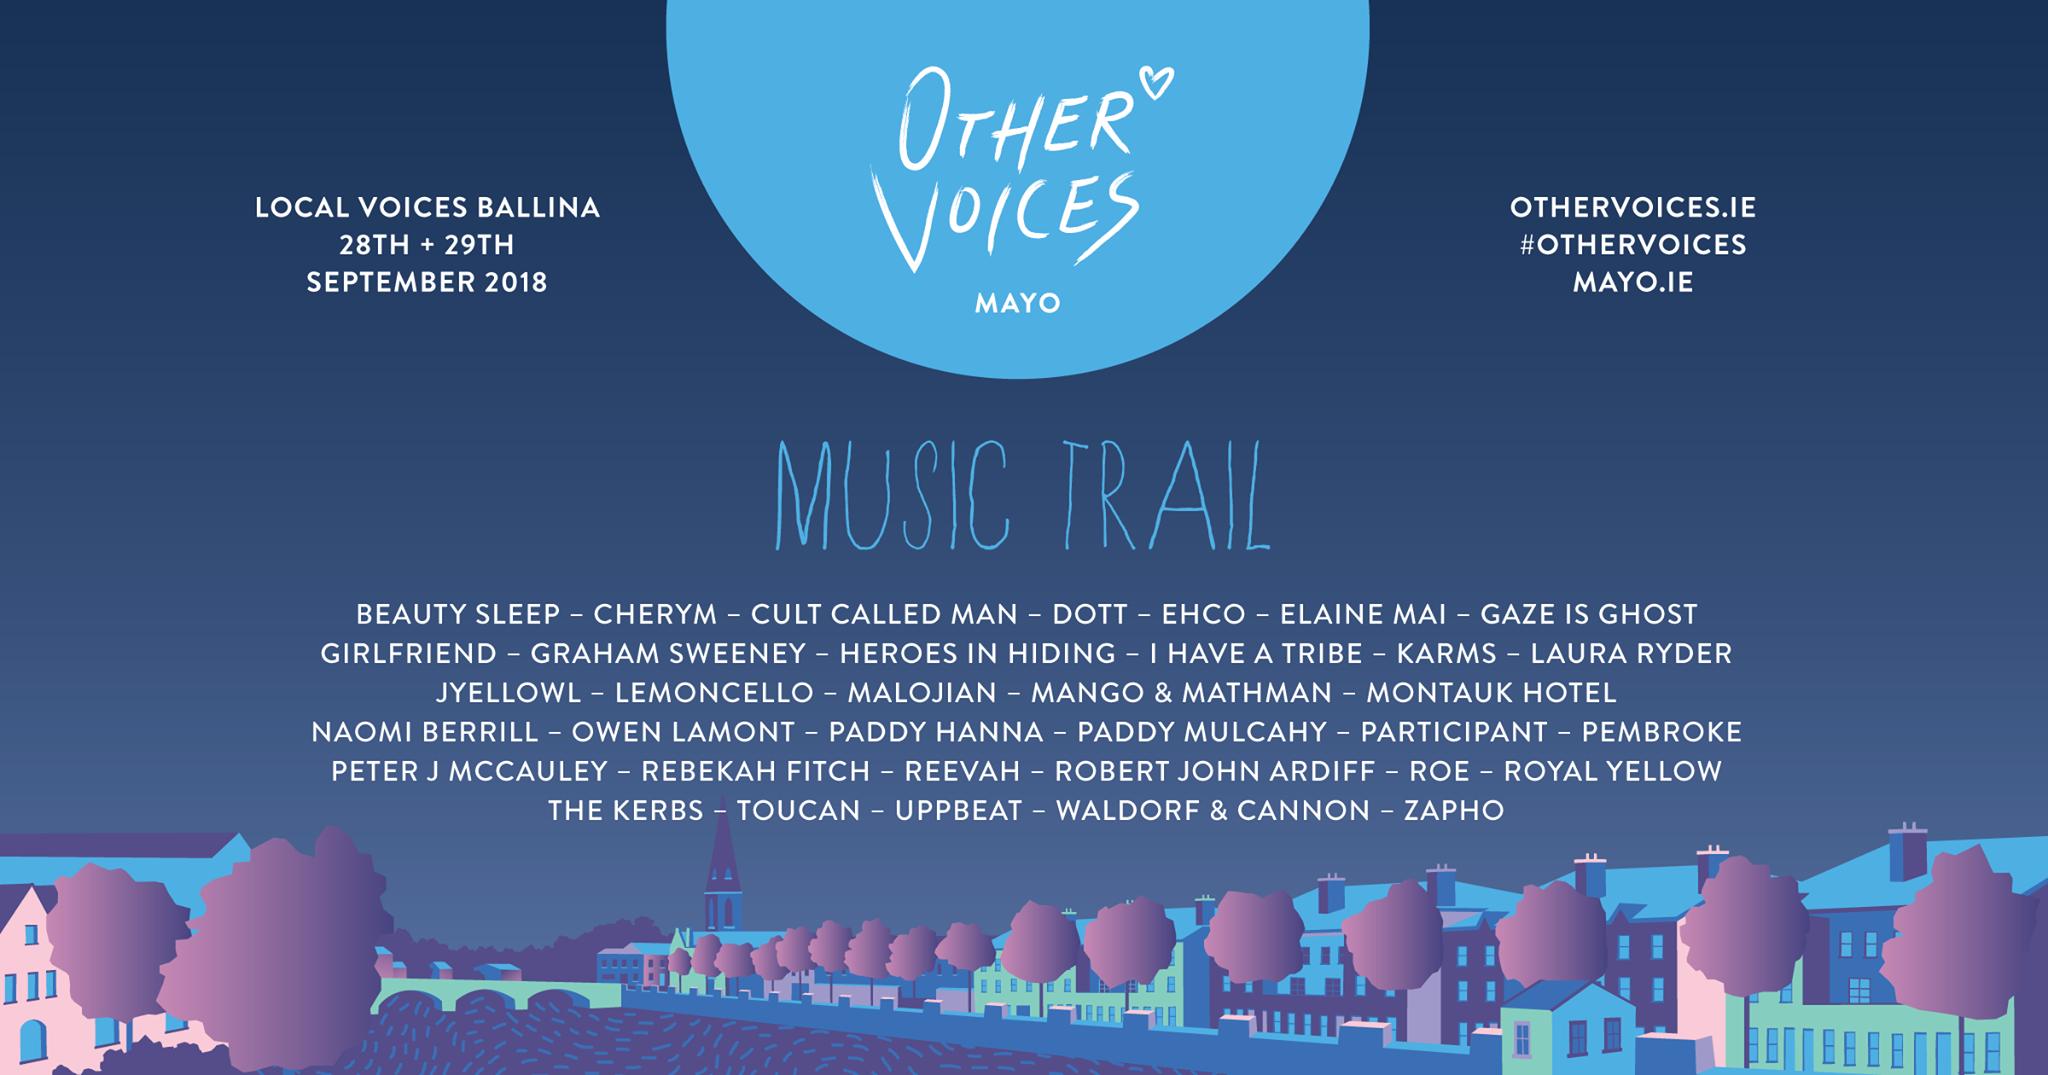 Other voices Music PR Marketing Ireland